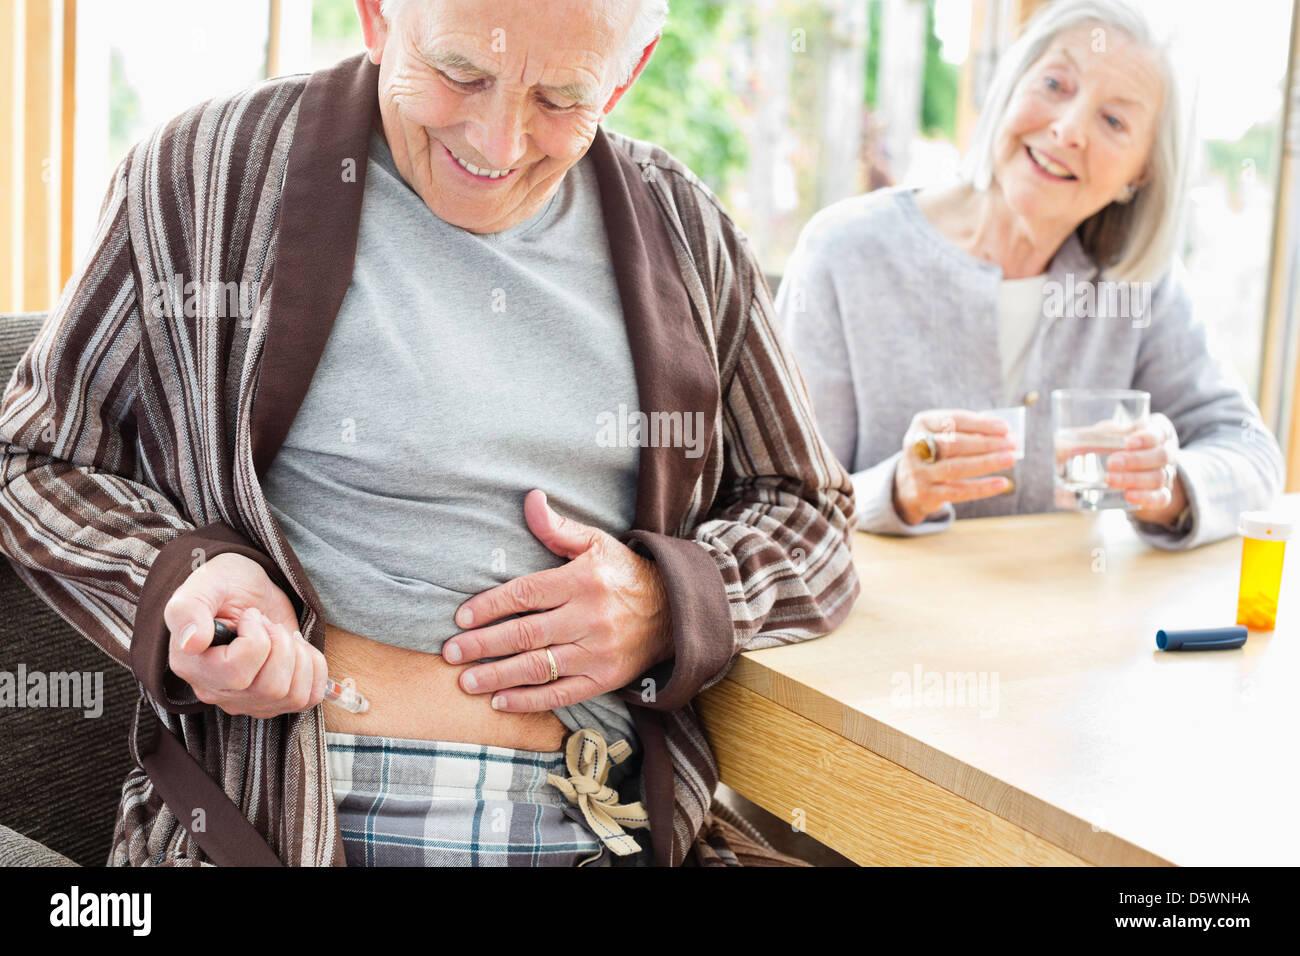 Homme de donner lui-même l'injection Photo Stock